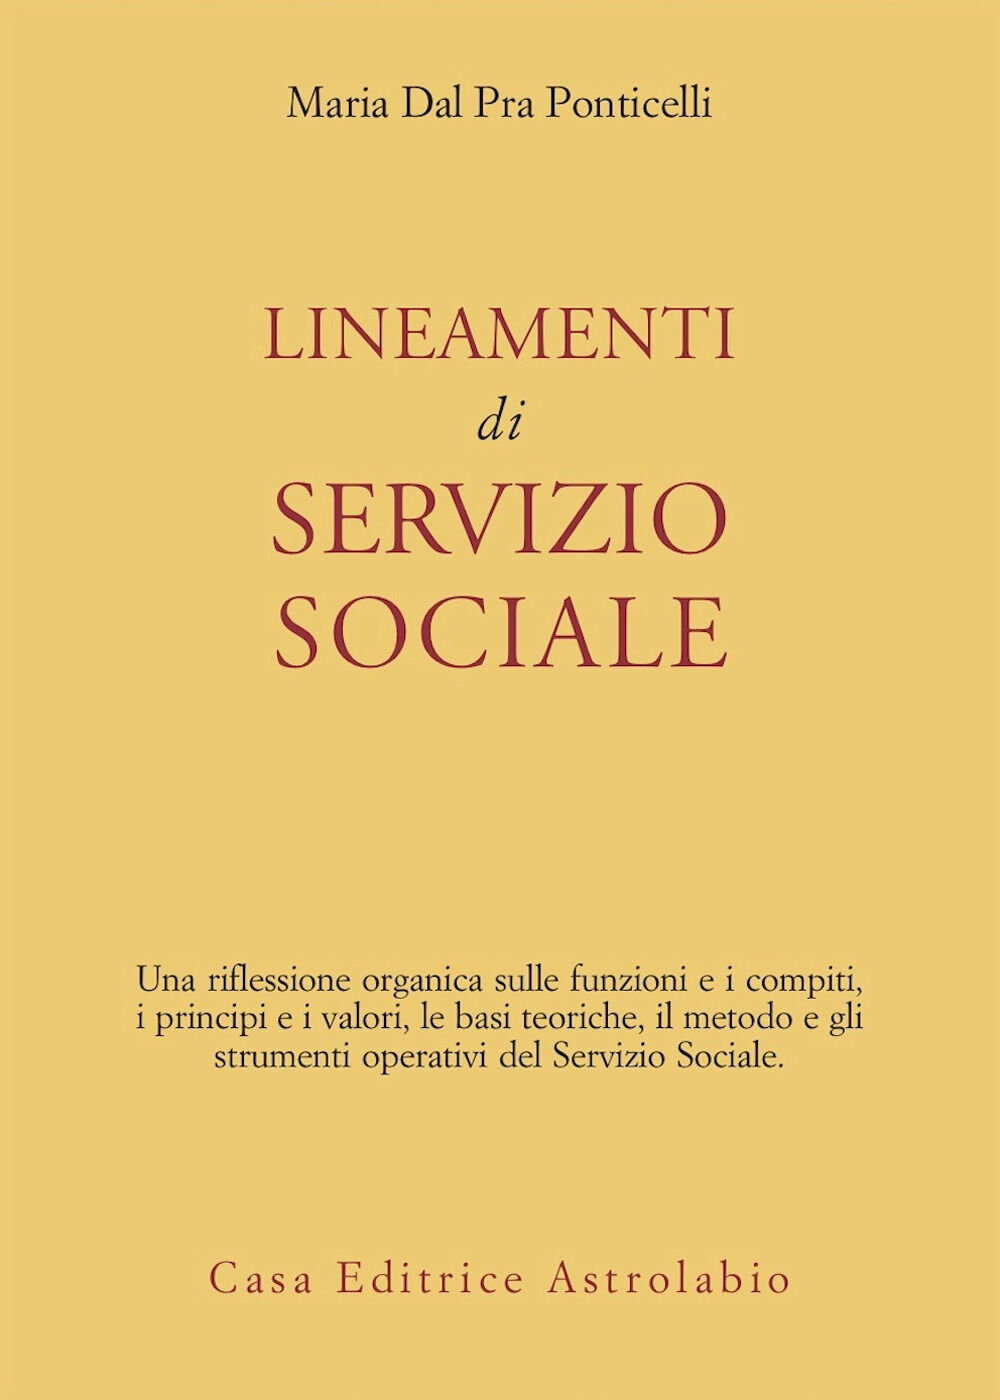 Lineamenti di servizio sociale